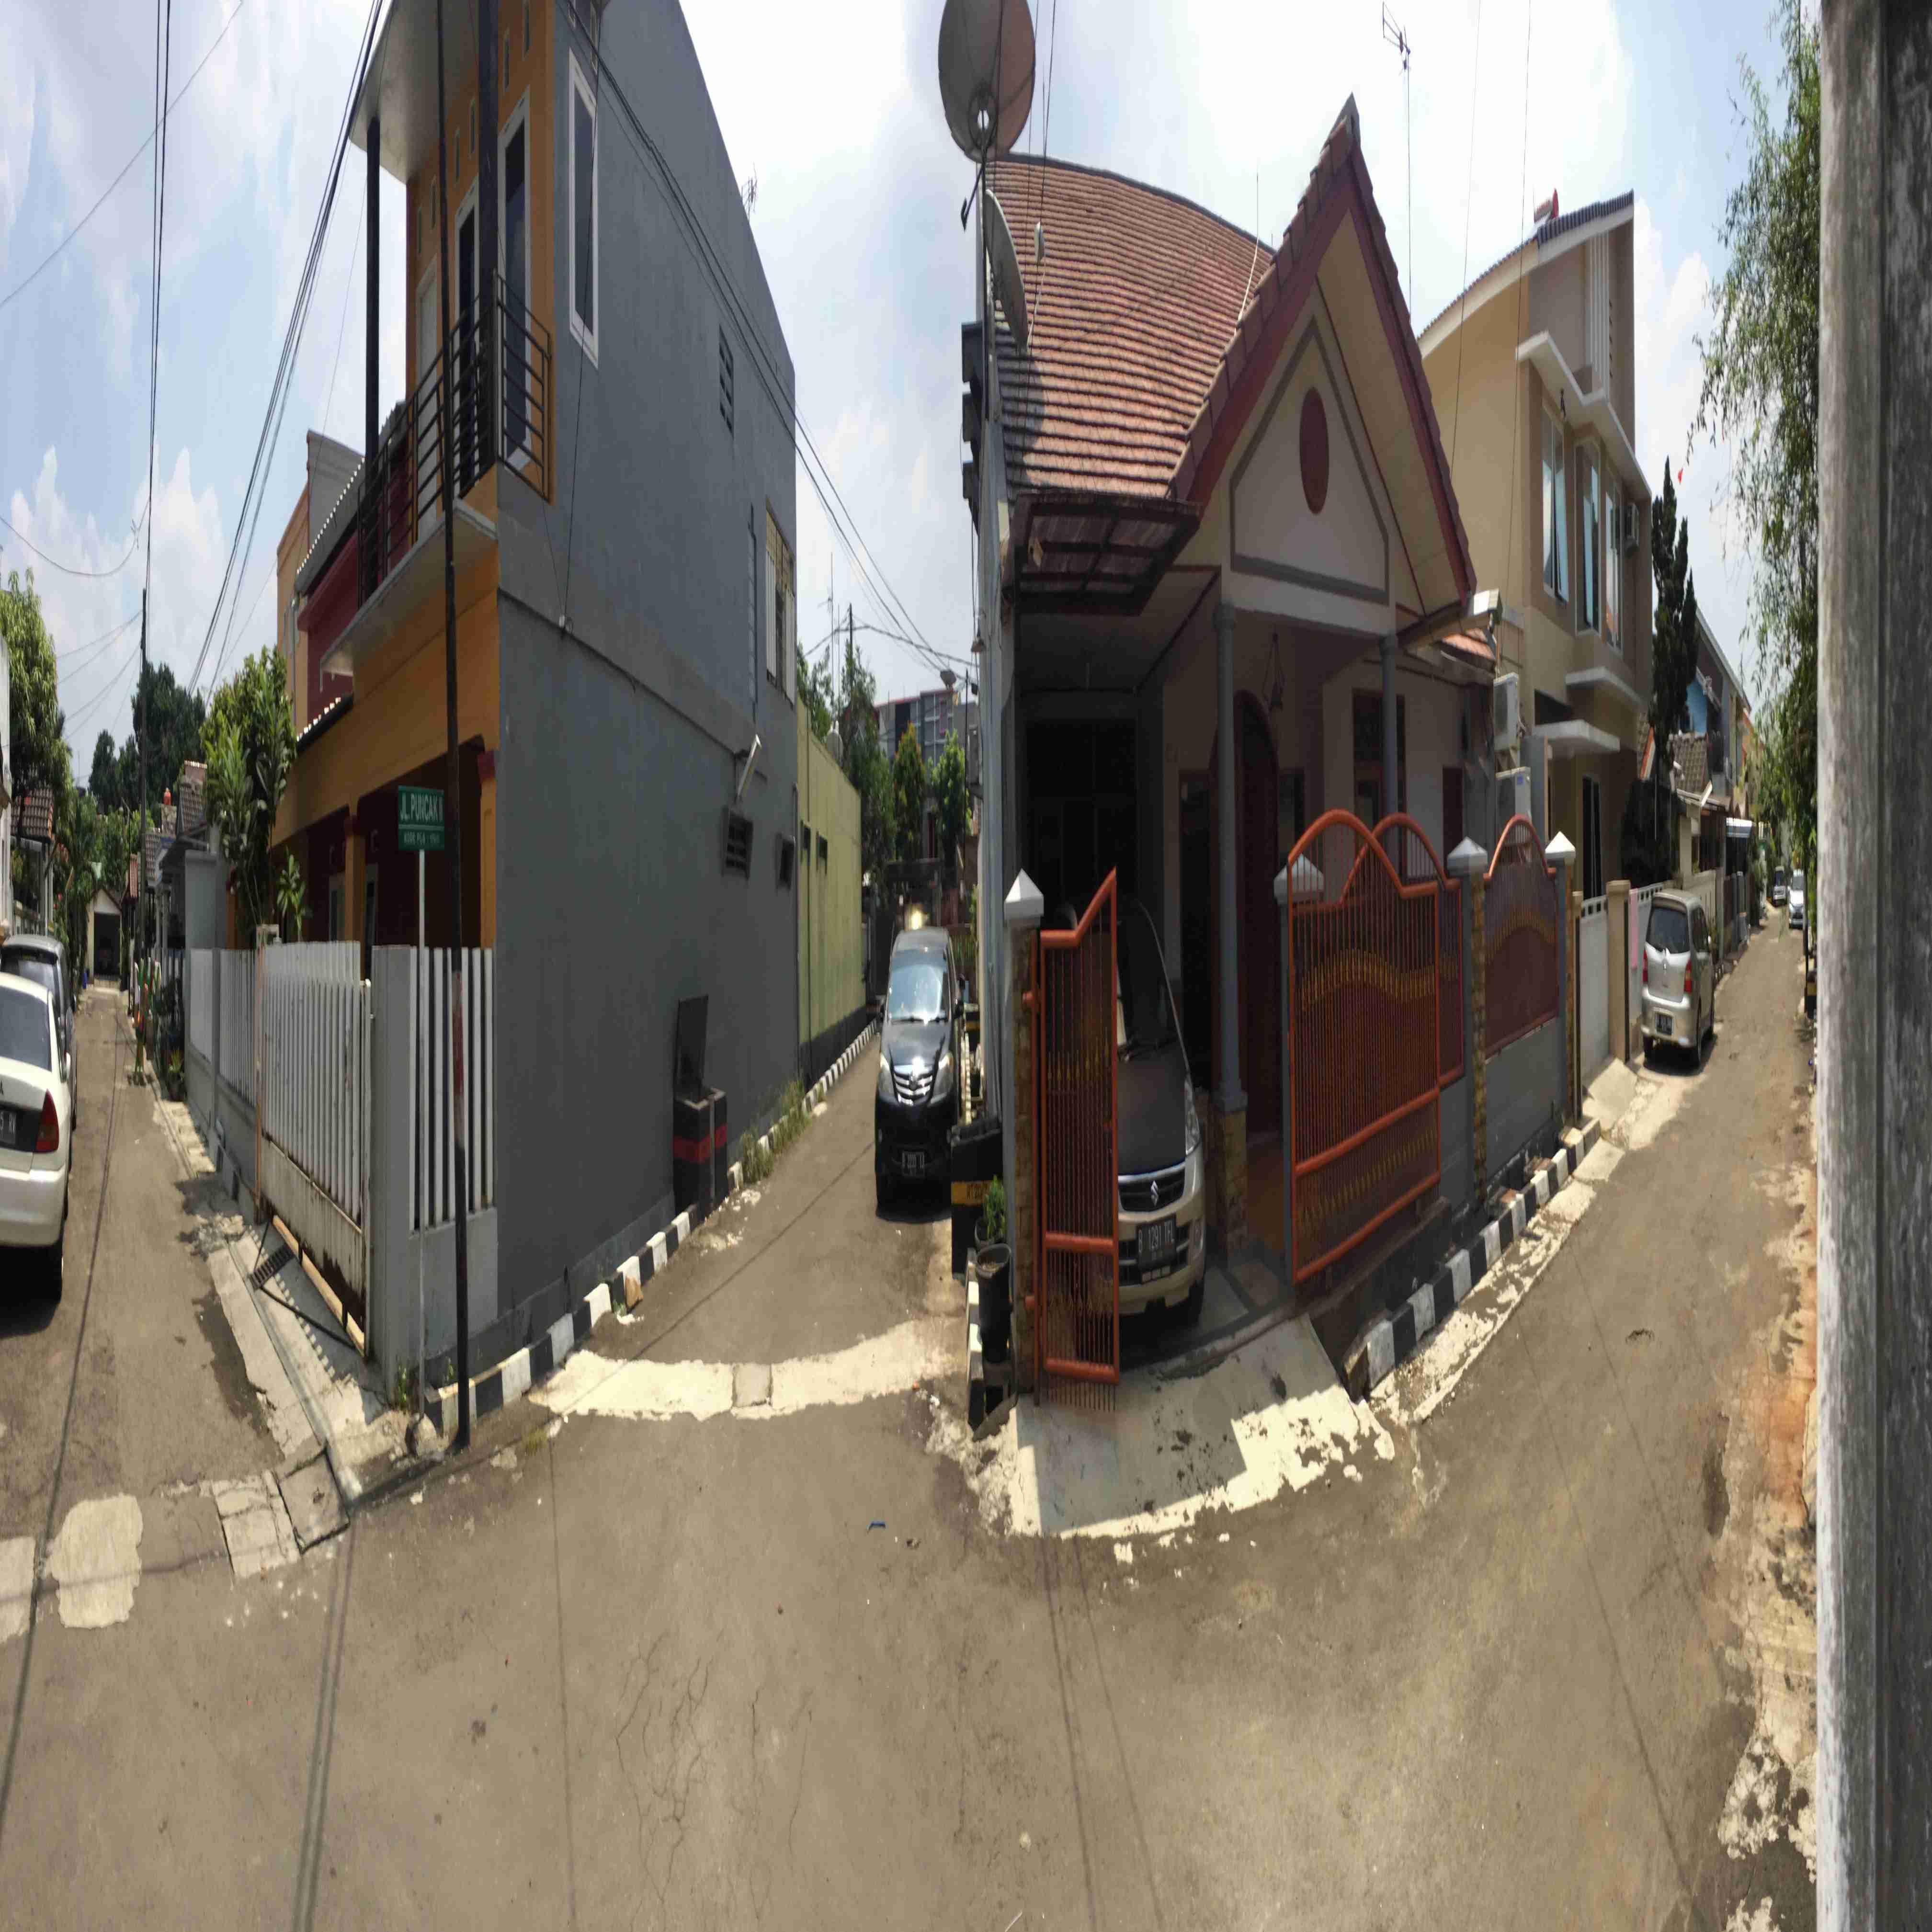 disewakan rumah d jalan tampak Siring VI no. 46B komplek antilop Jatiwaringin 60jt